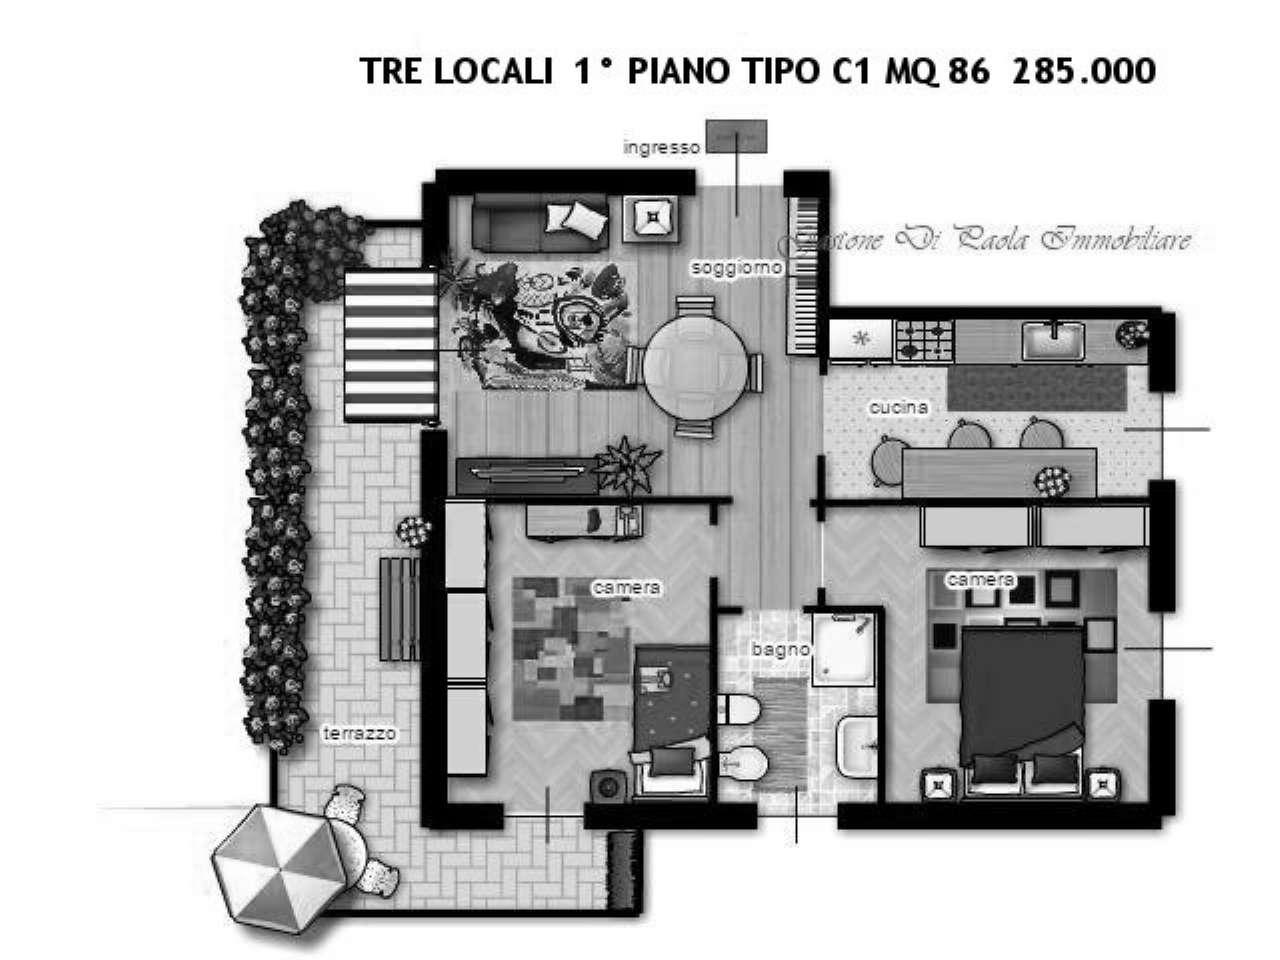 Appartamento in vendita a Milano, 3 locali, zona Zona: 3 . Bicocca, Greco, Monza, Palmanova, Padova, prezzo € 285.000 | Cambio Casa.it